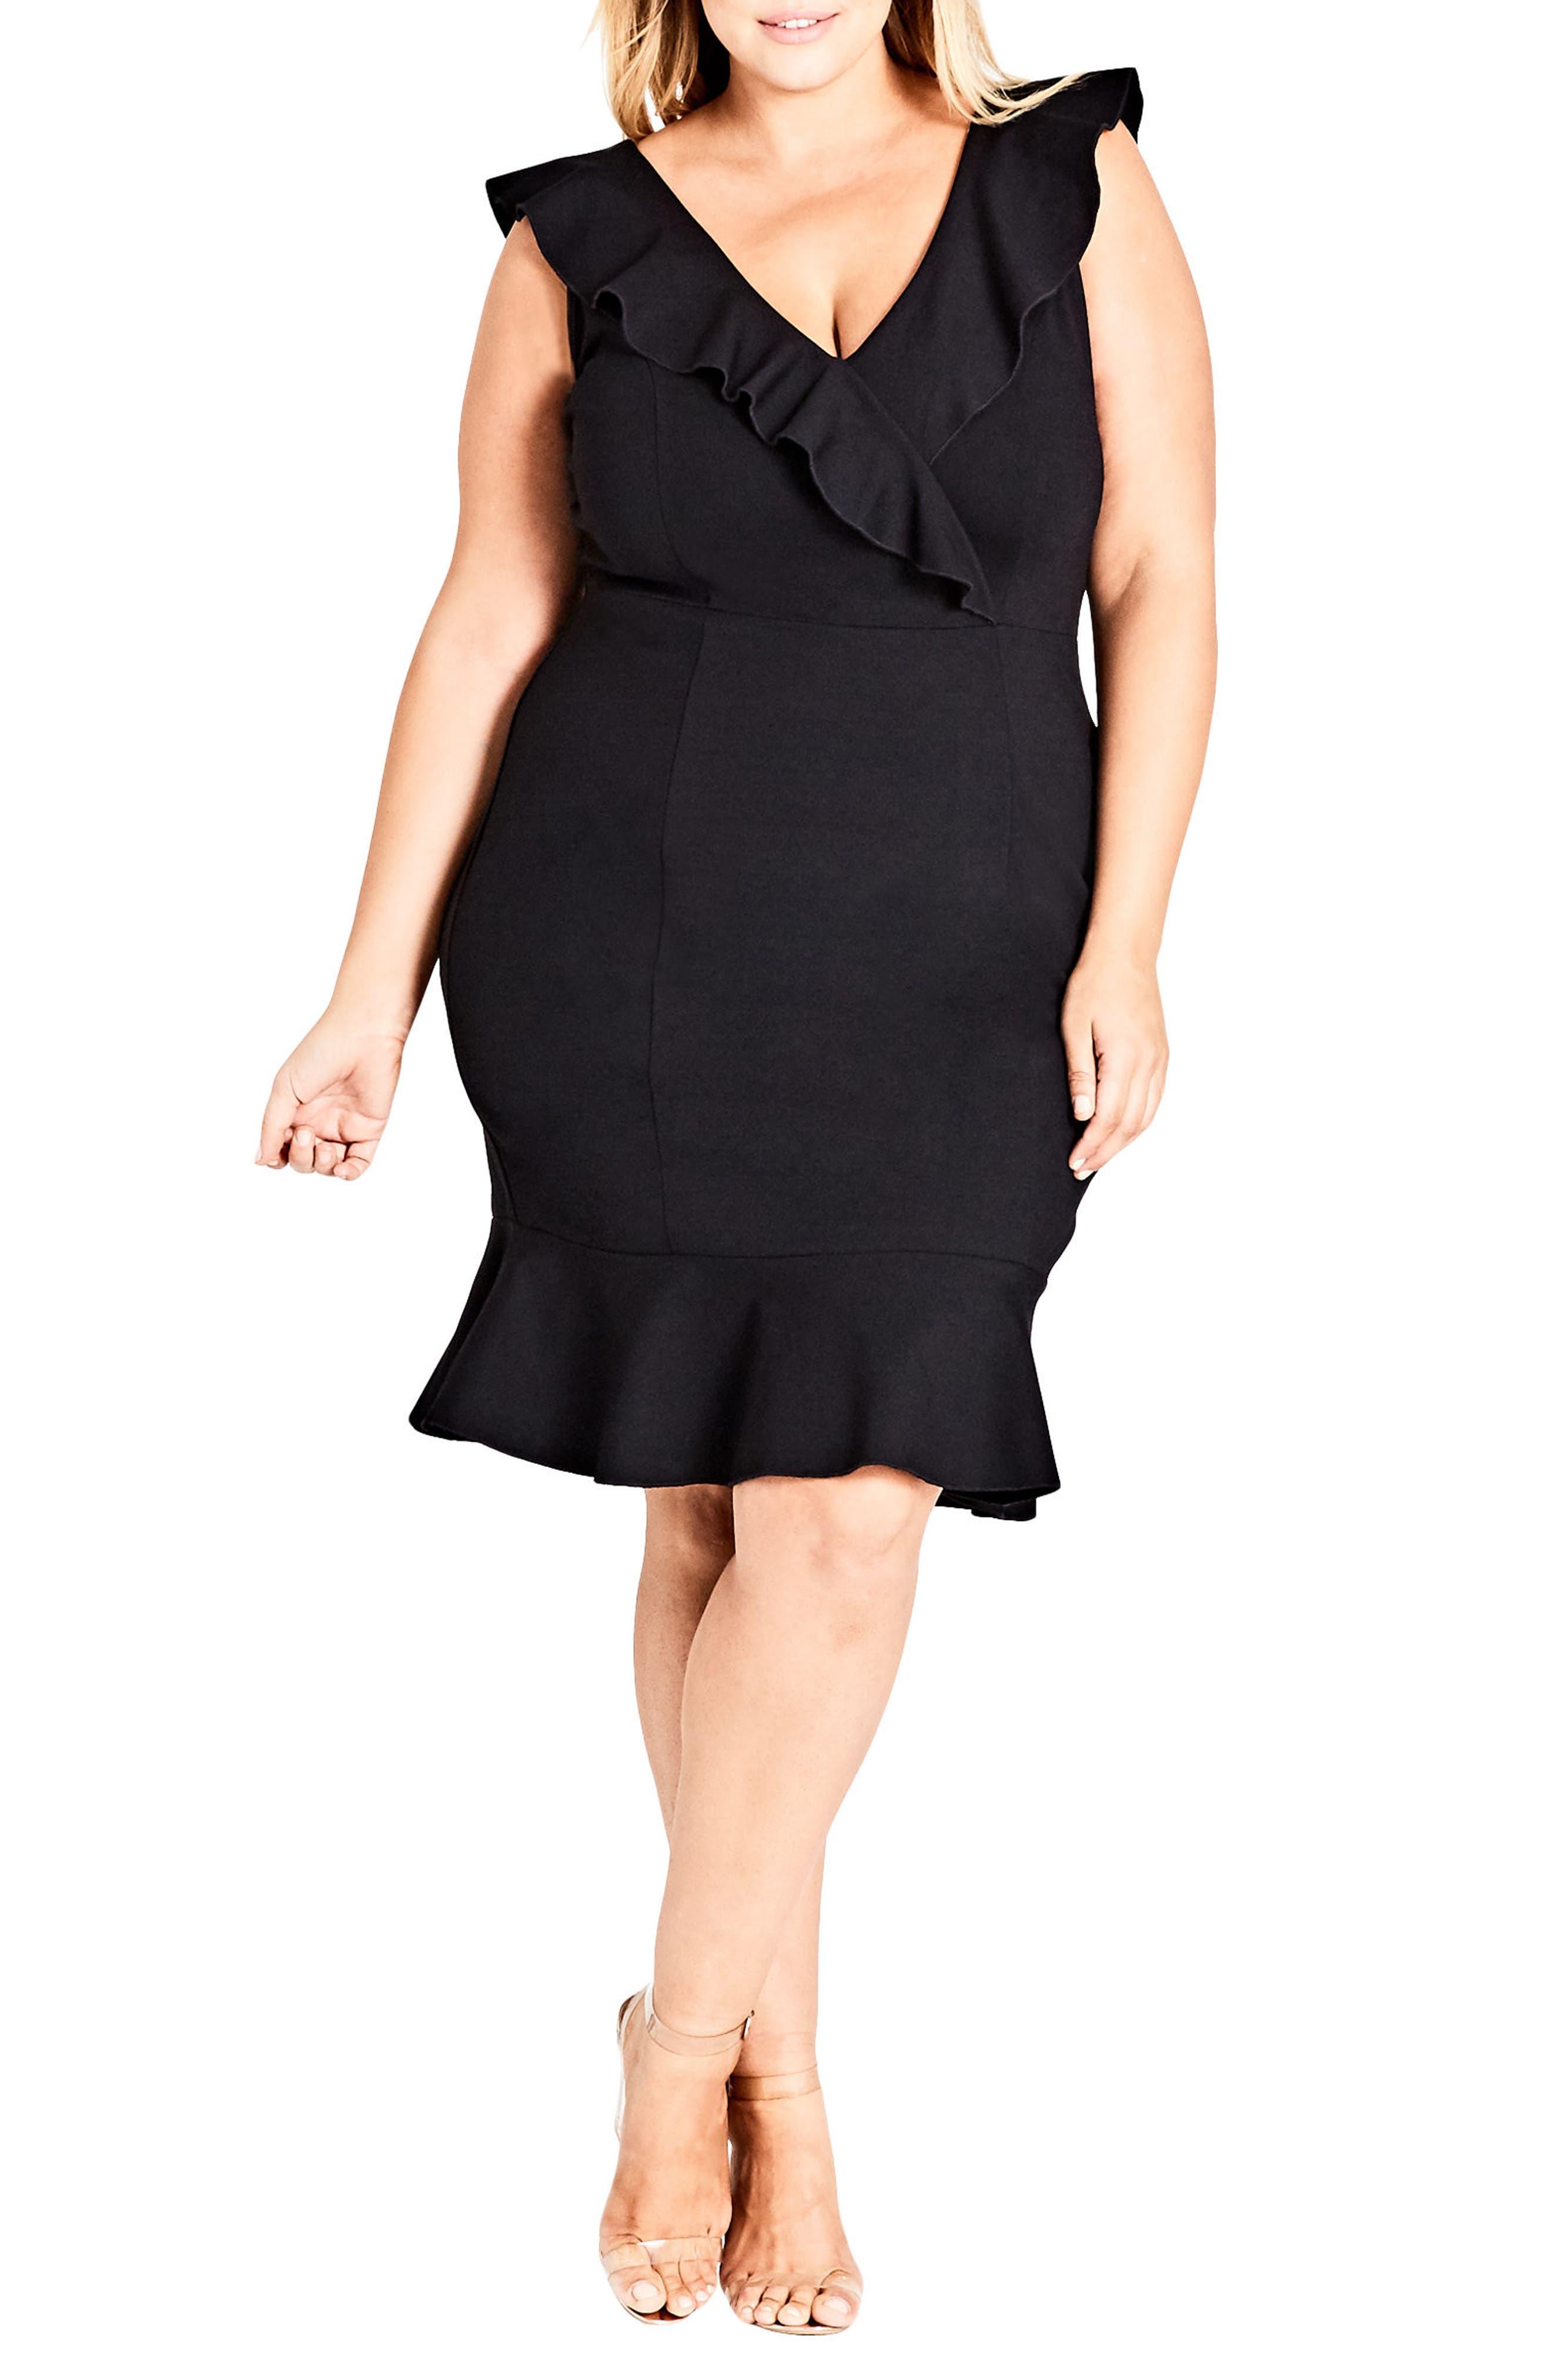 Main Image - City Chic Frill Seeker Sheath Dress (Plus Size)